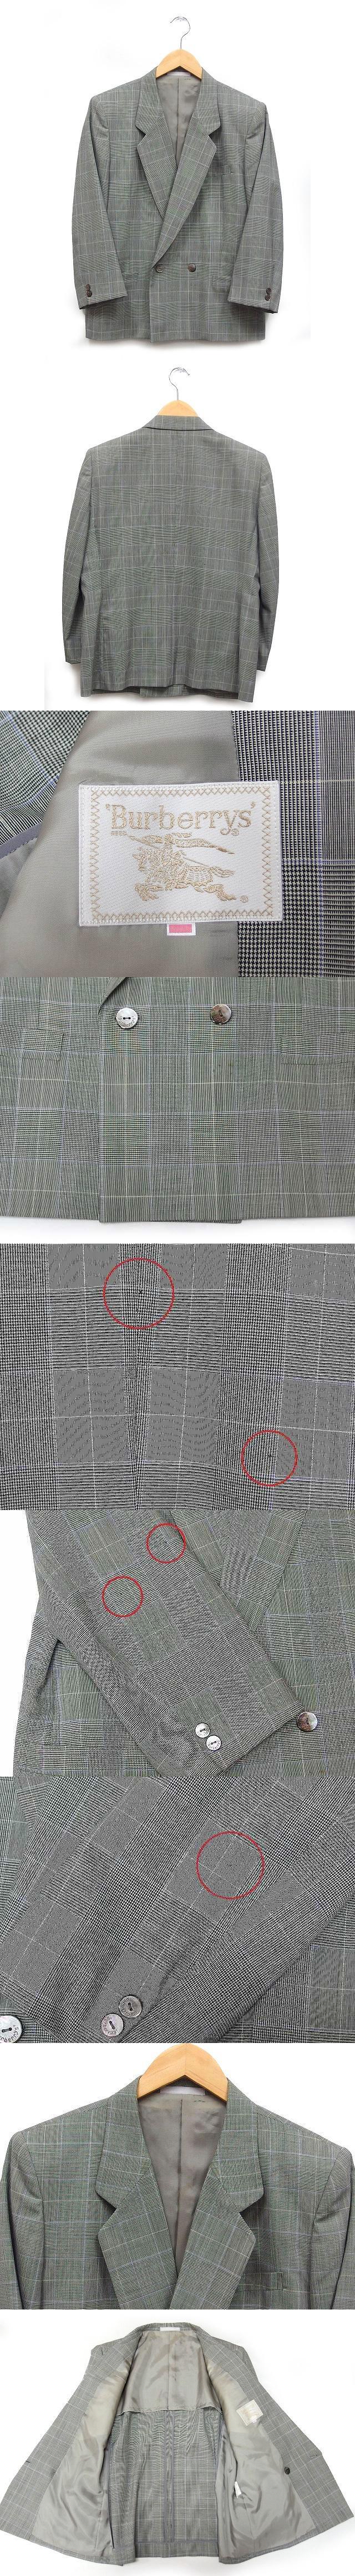 国内正規 ジャケット ブレザー テーラード 長袖 グレンチェック ウール 半裏 ダブルボタン 11号 グレー 灰 /K